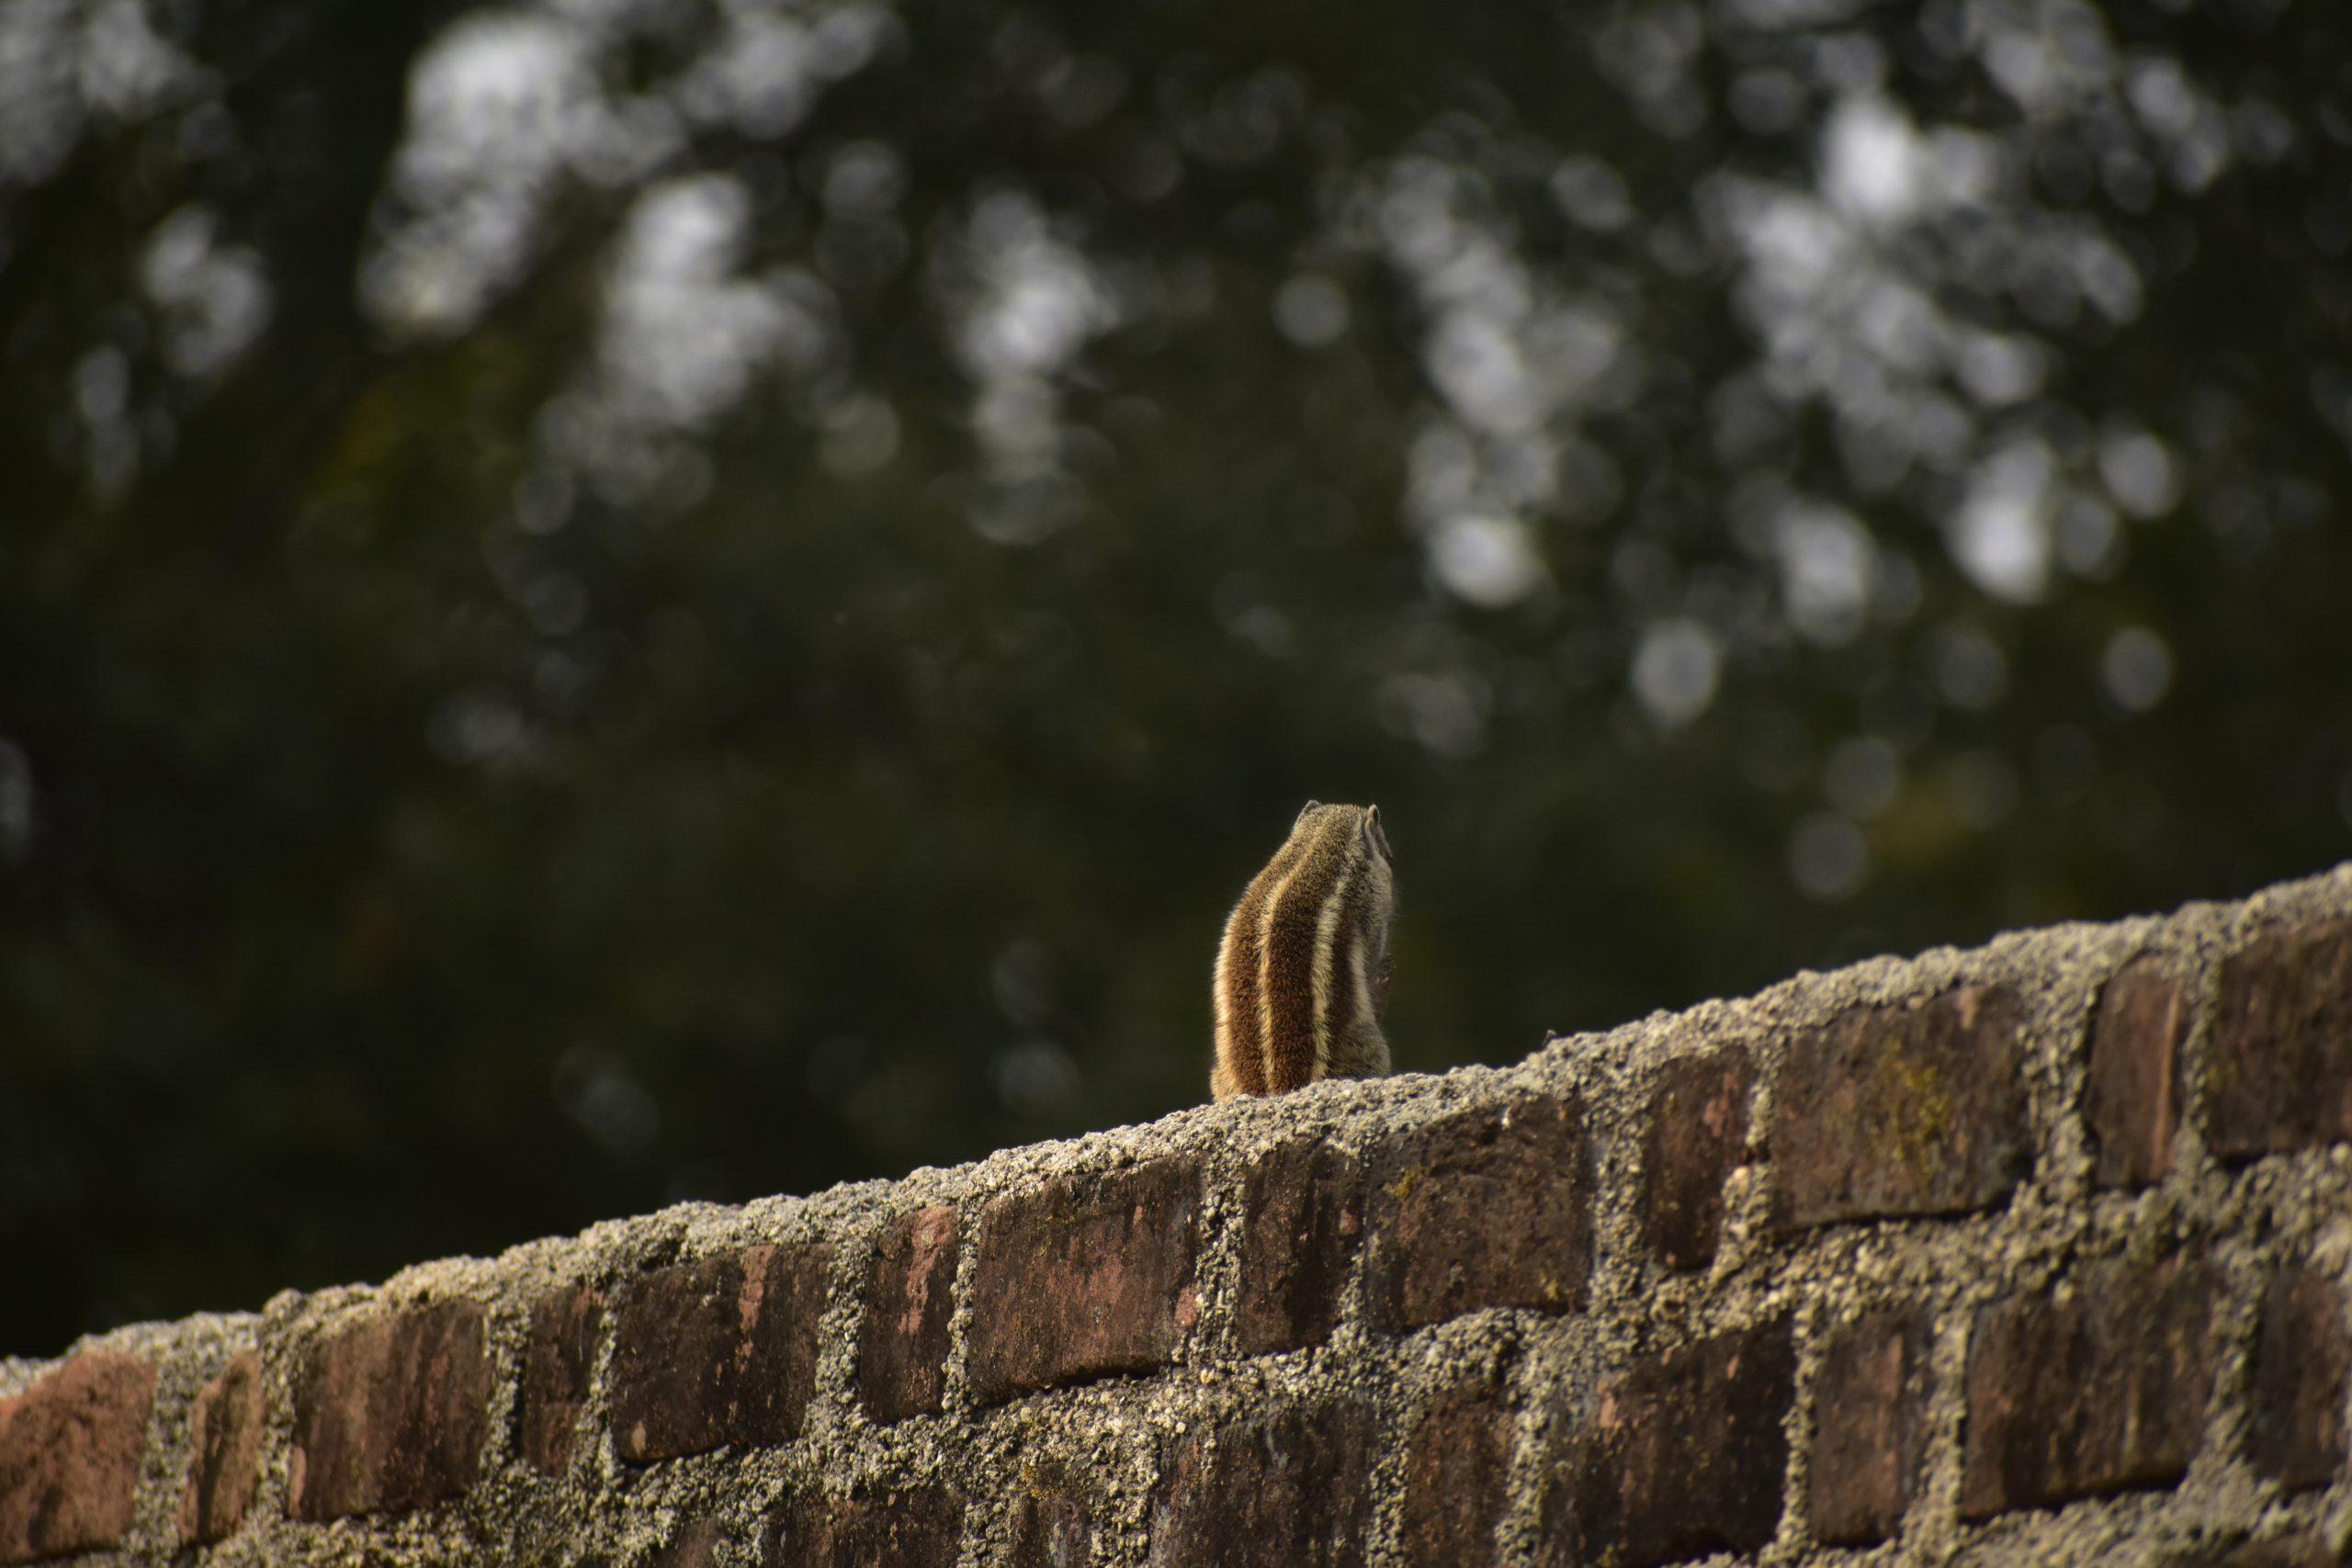 Squirrel sitting on wall